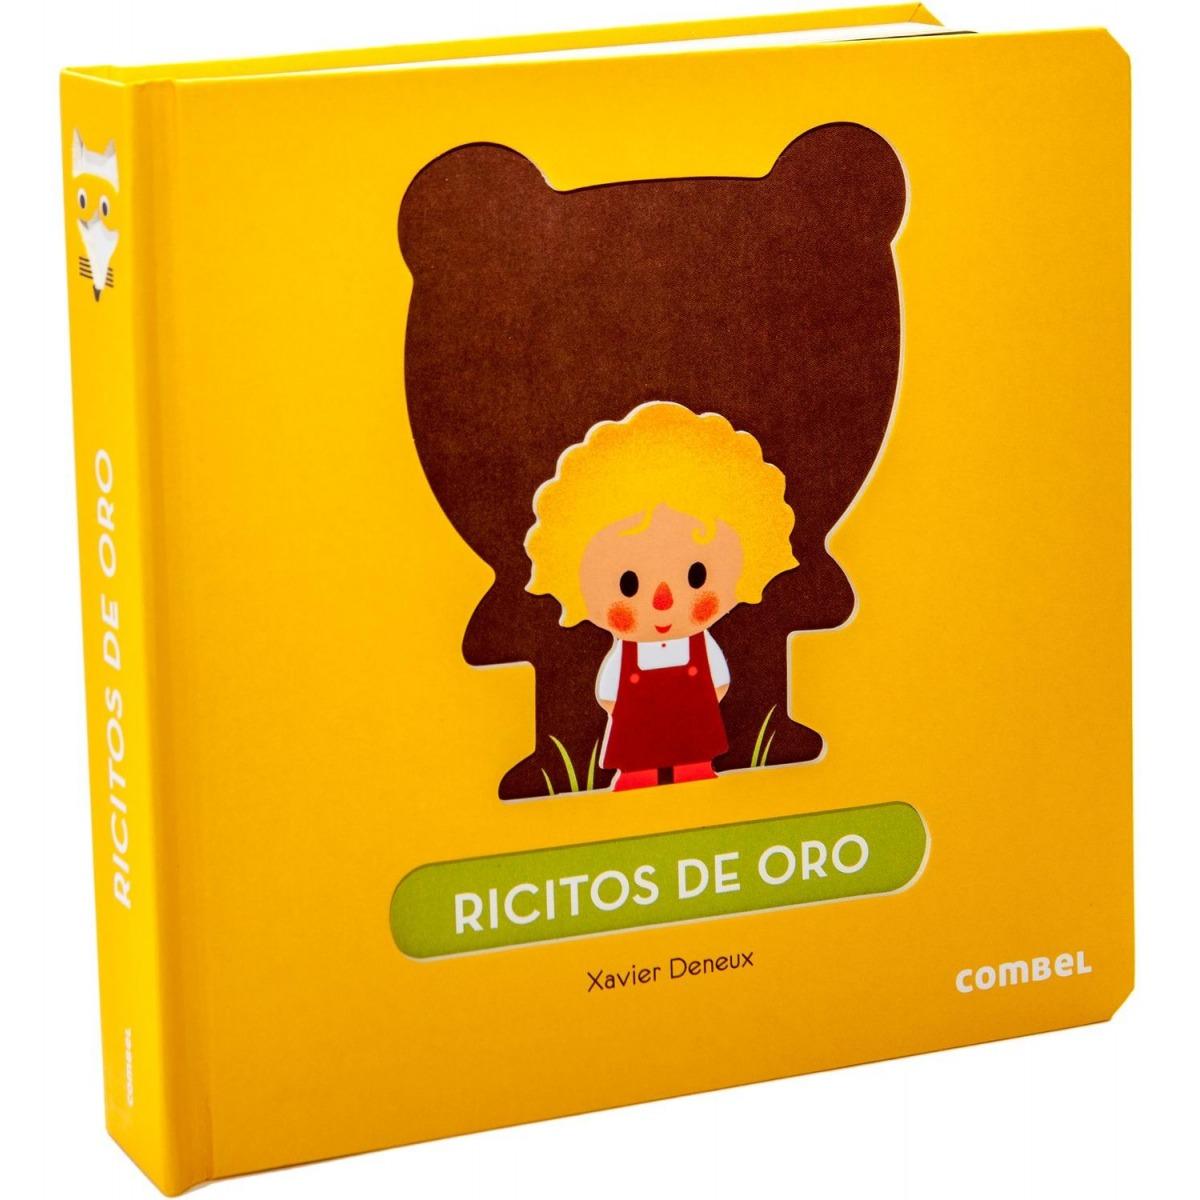 RICITOS DE ORO, VARIOS IDIOMAS